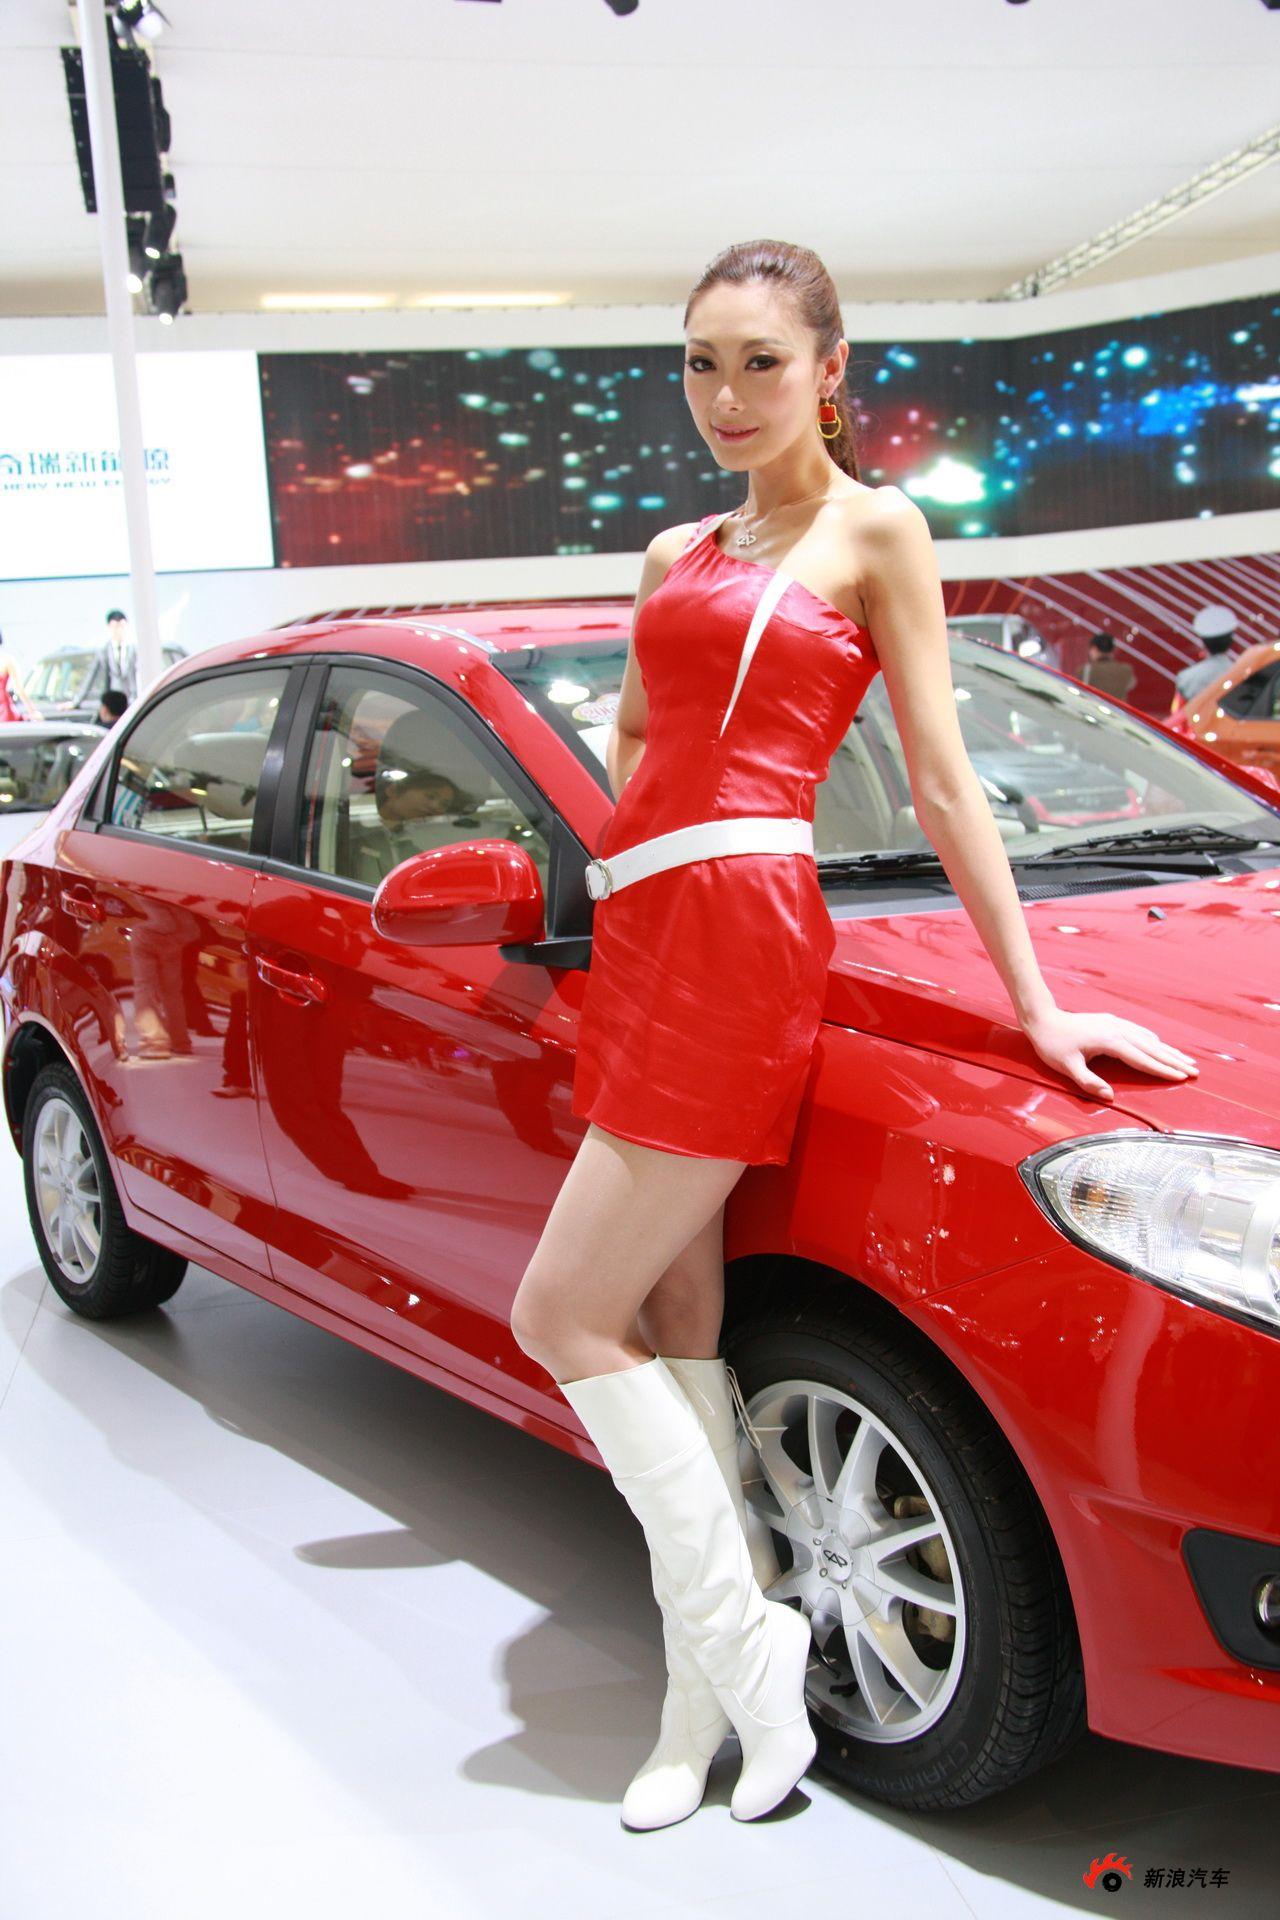 中国著名模特公司_奇瑞展台21号模特_图片_汽车图库_新浪汽车_新浪网